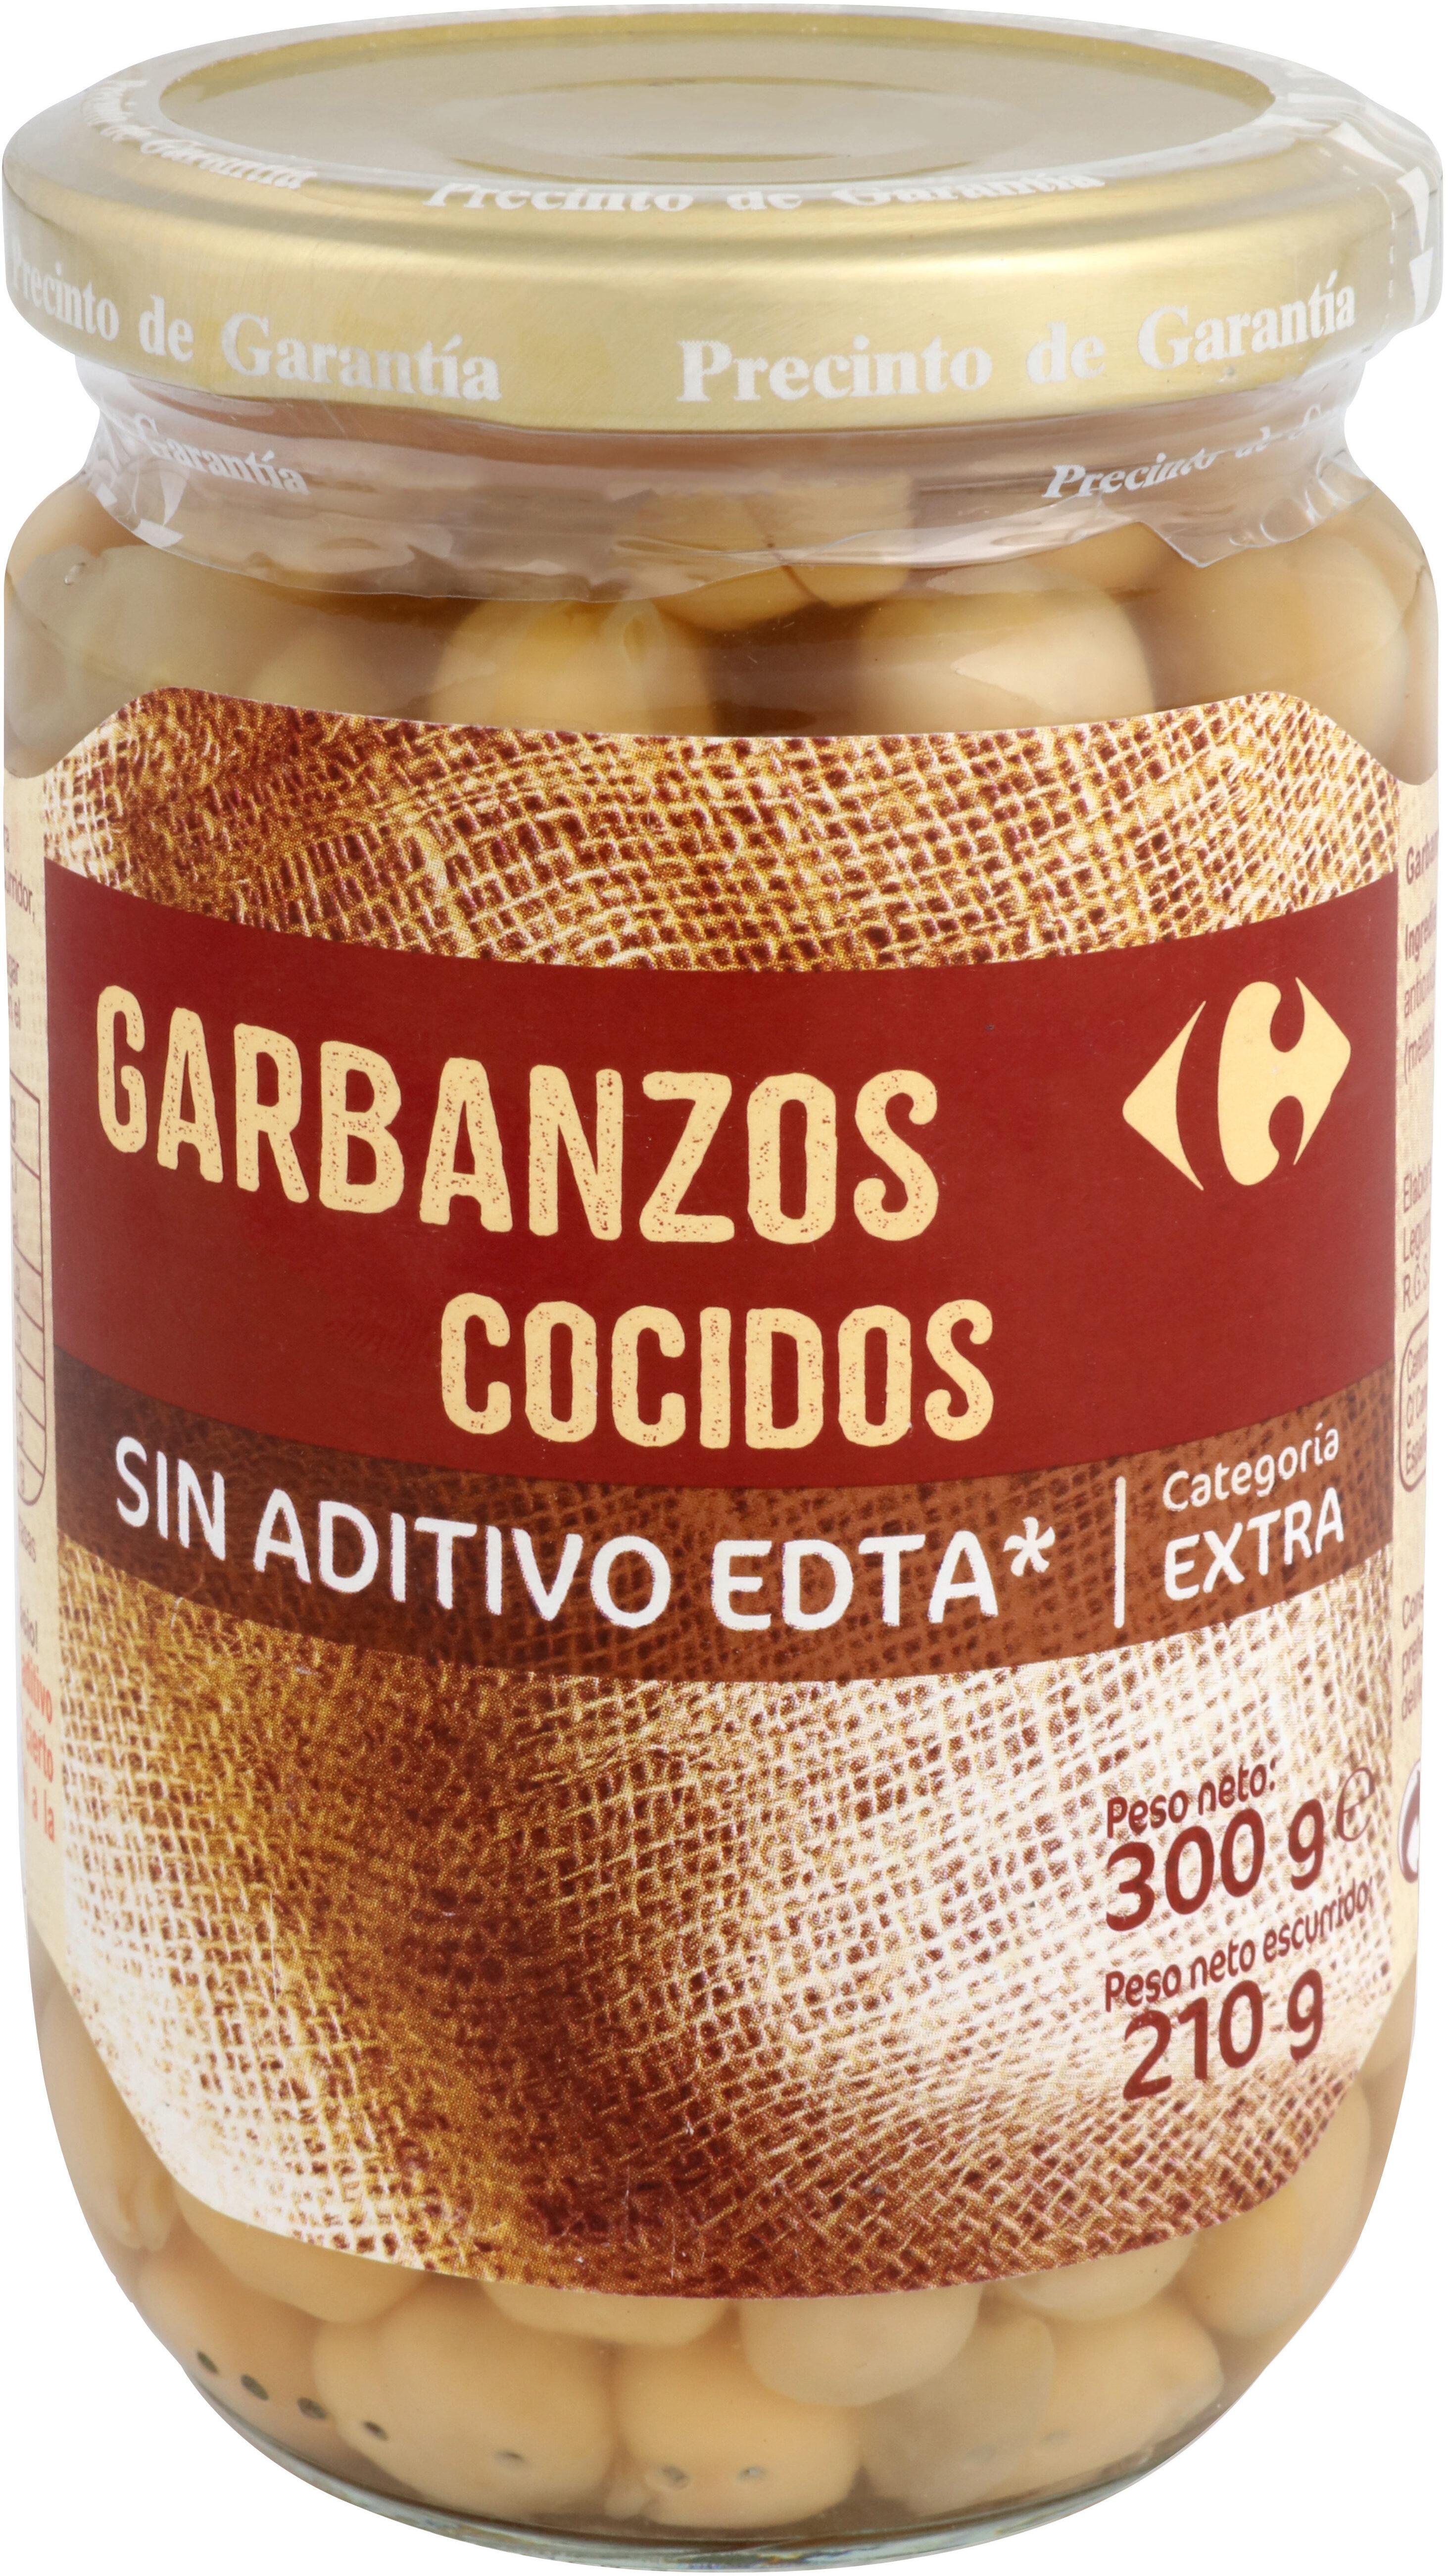 Garbanzo cocido extra - Prodotto - es